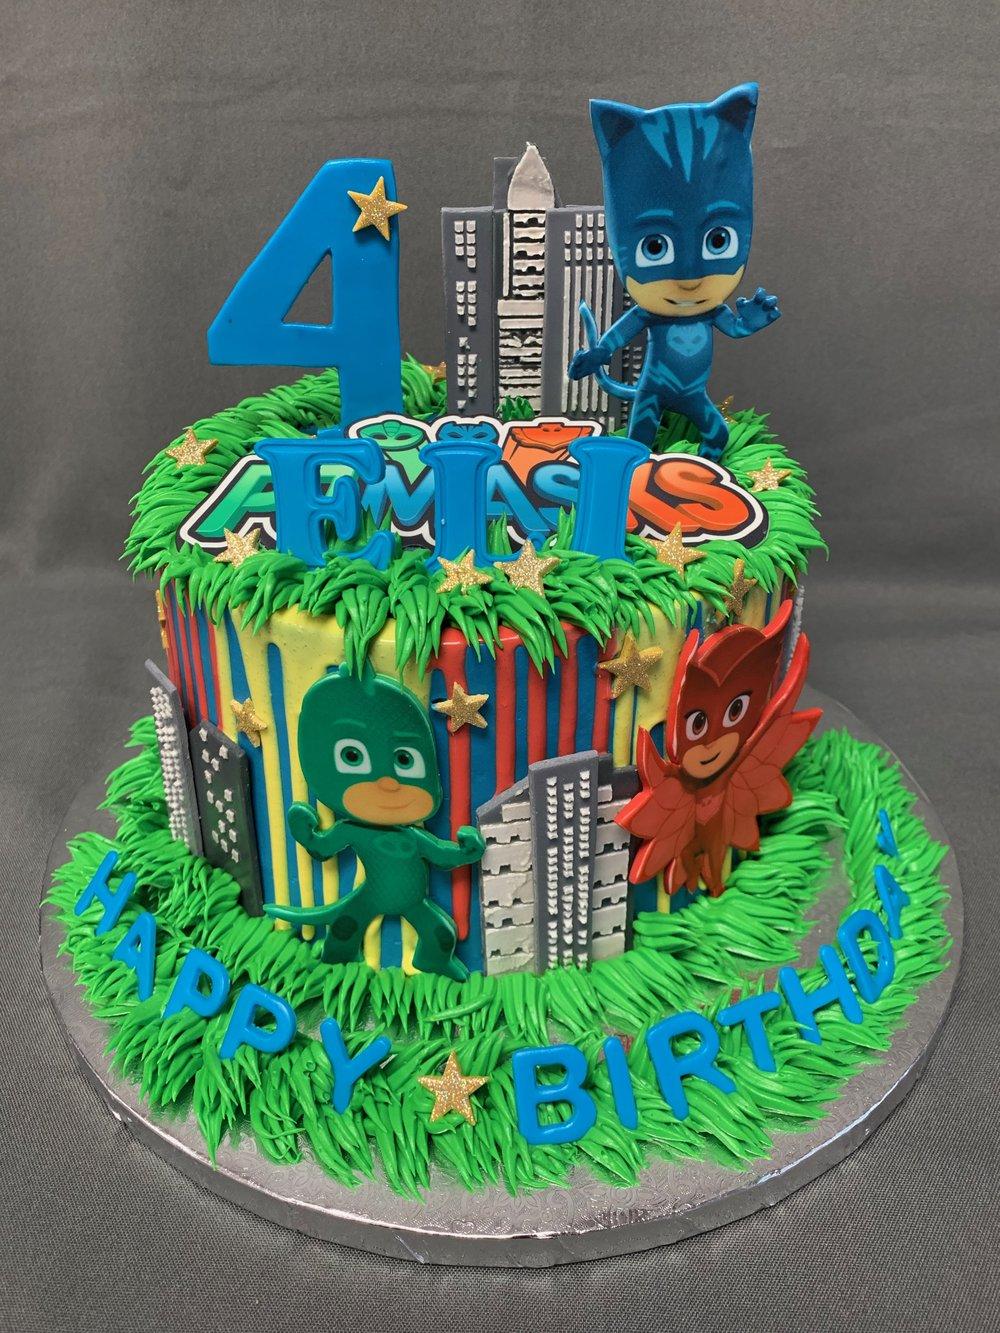 PJ Masks Birthday Cake NJ